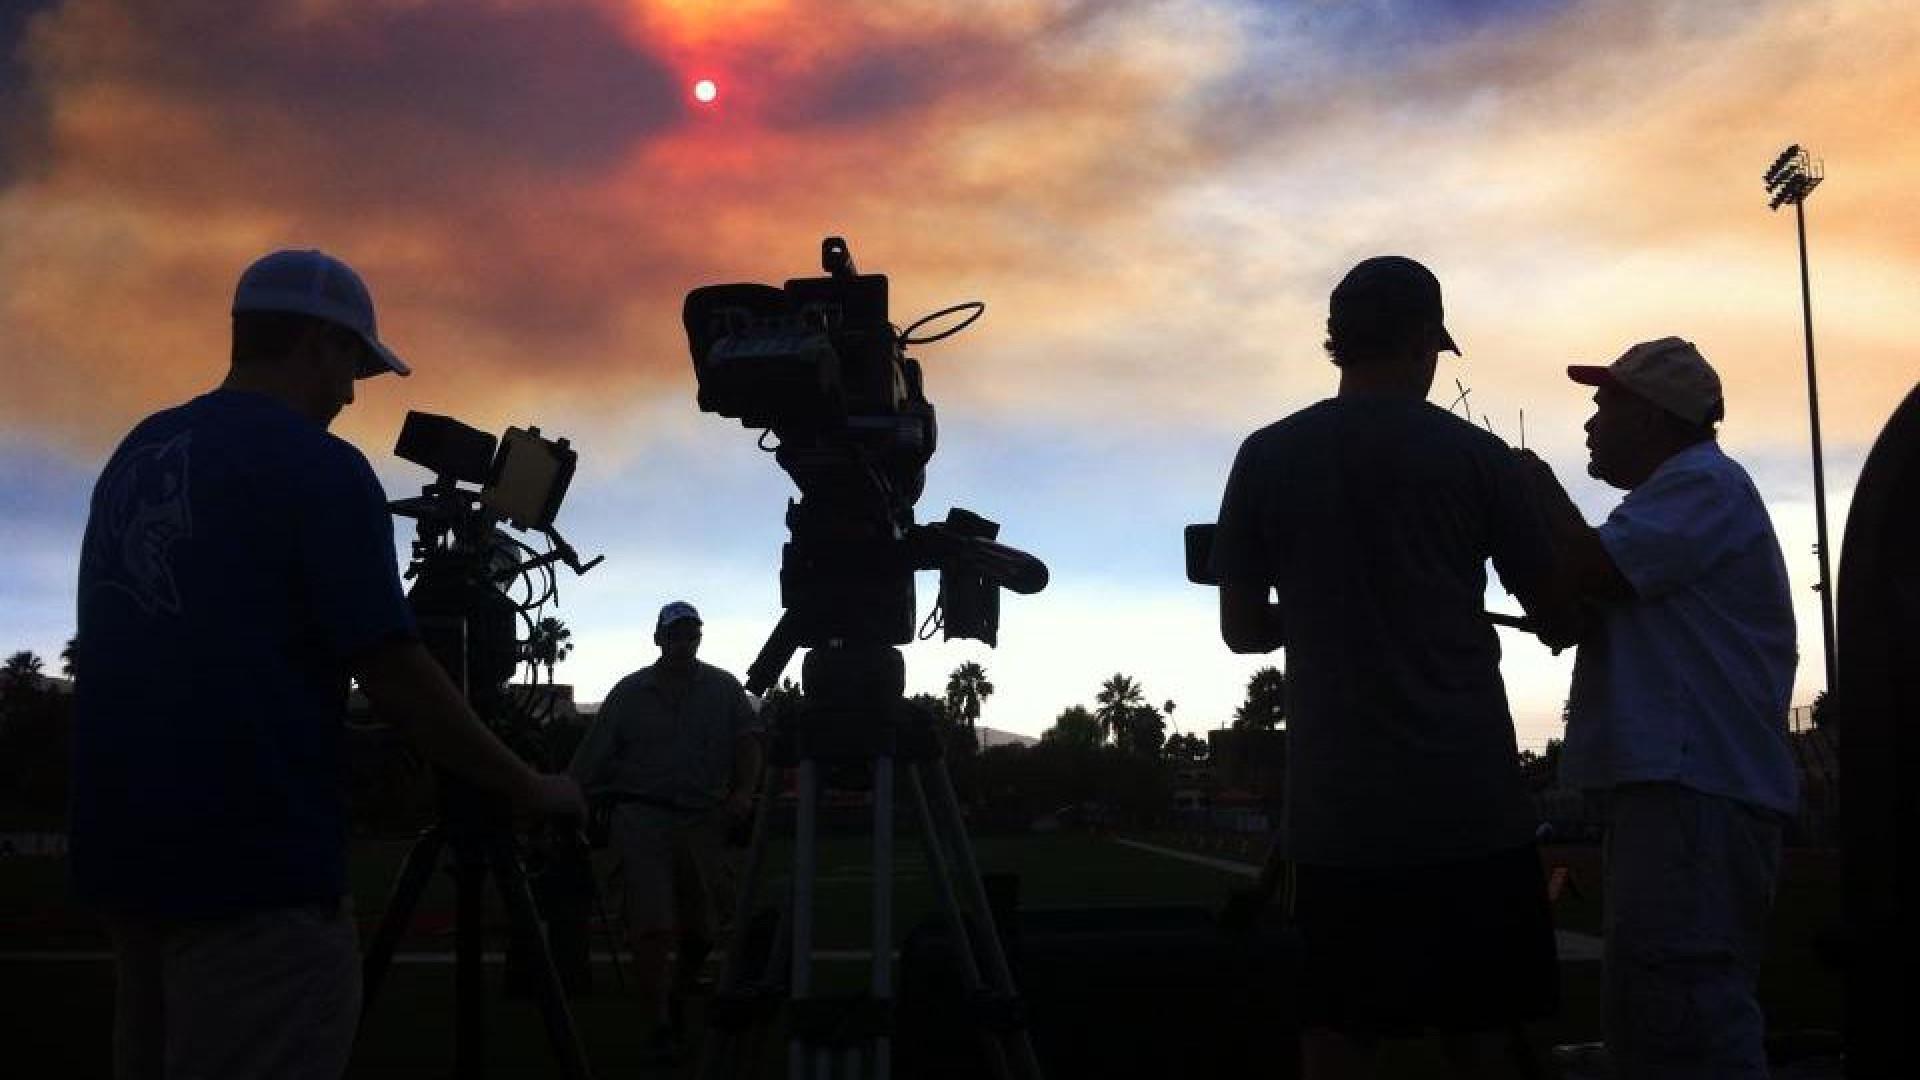 Cineasta lusodescendente selecionado para filmar Super Bowl 2019